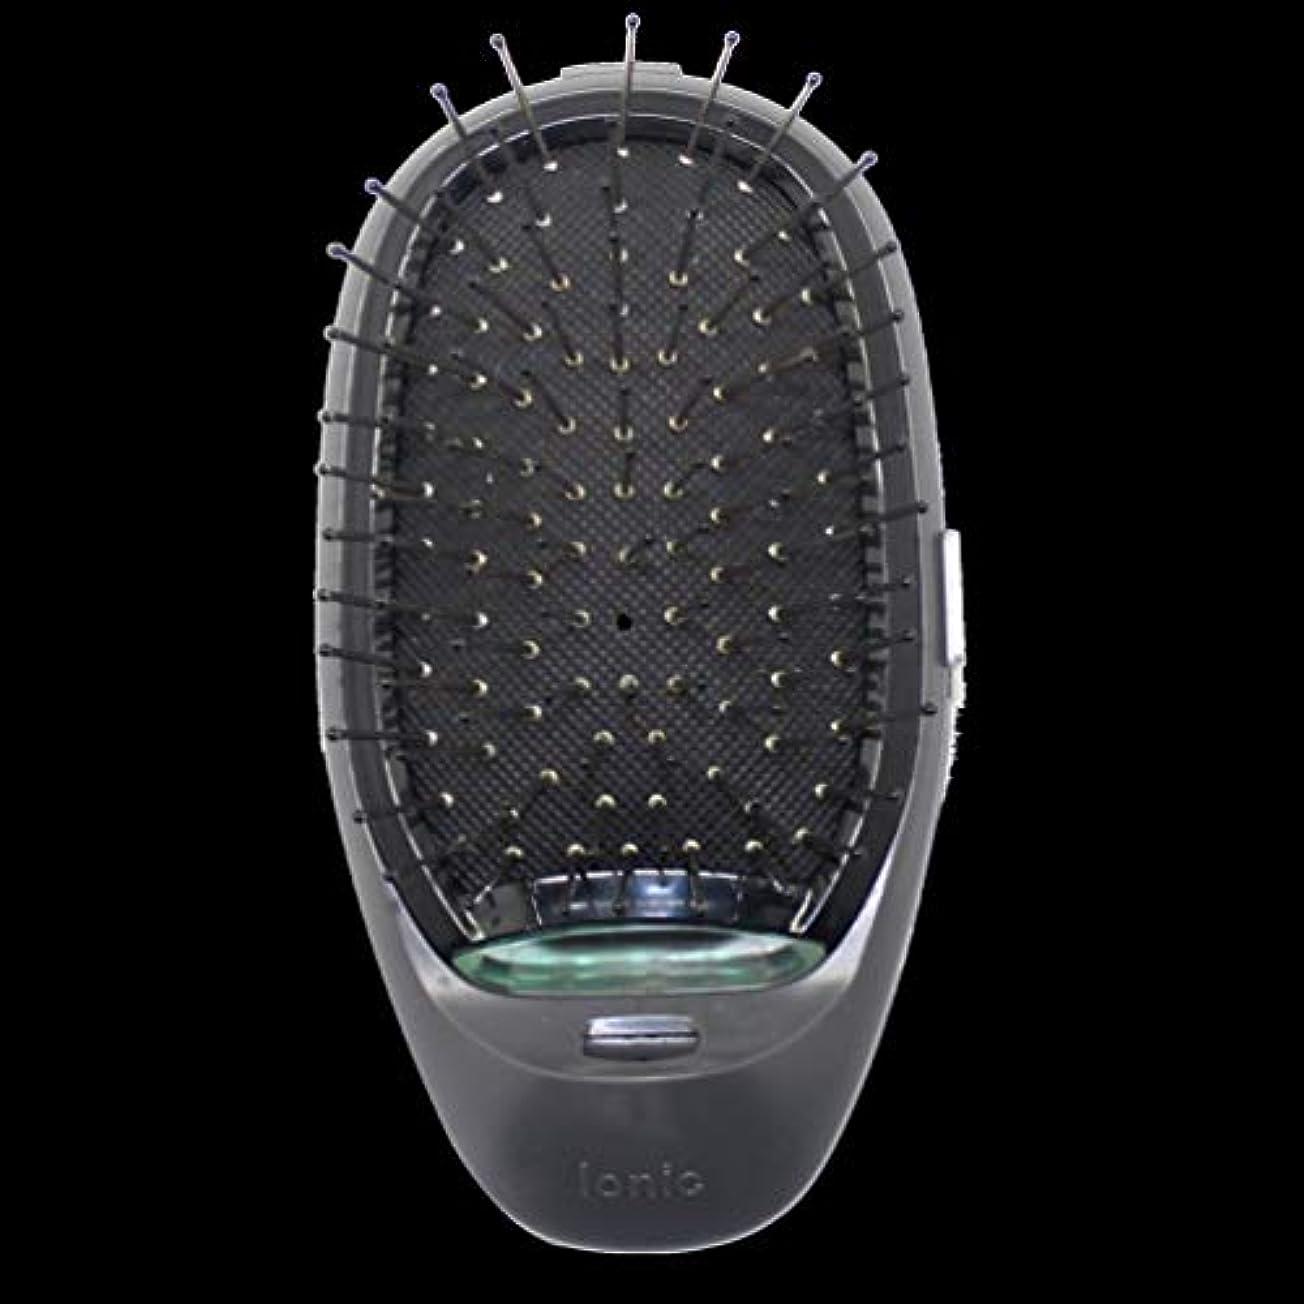 制限する革新超音速電動マッサージヘアブラシミニマイナスイオンヘアコム3Dインフレータブルコーム帯電防止ガールズヘアブラシ電池式 - ブラック